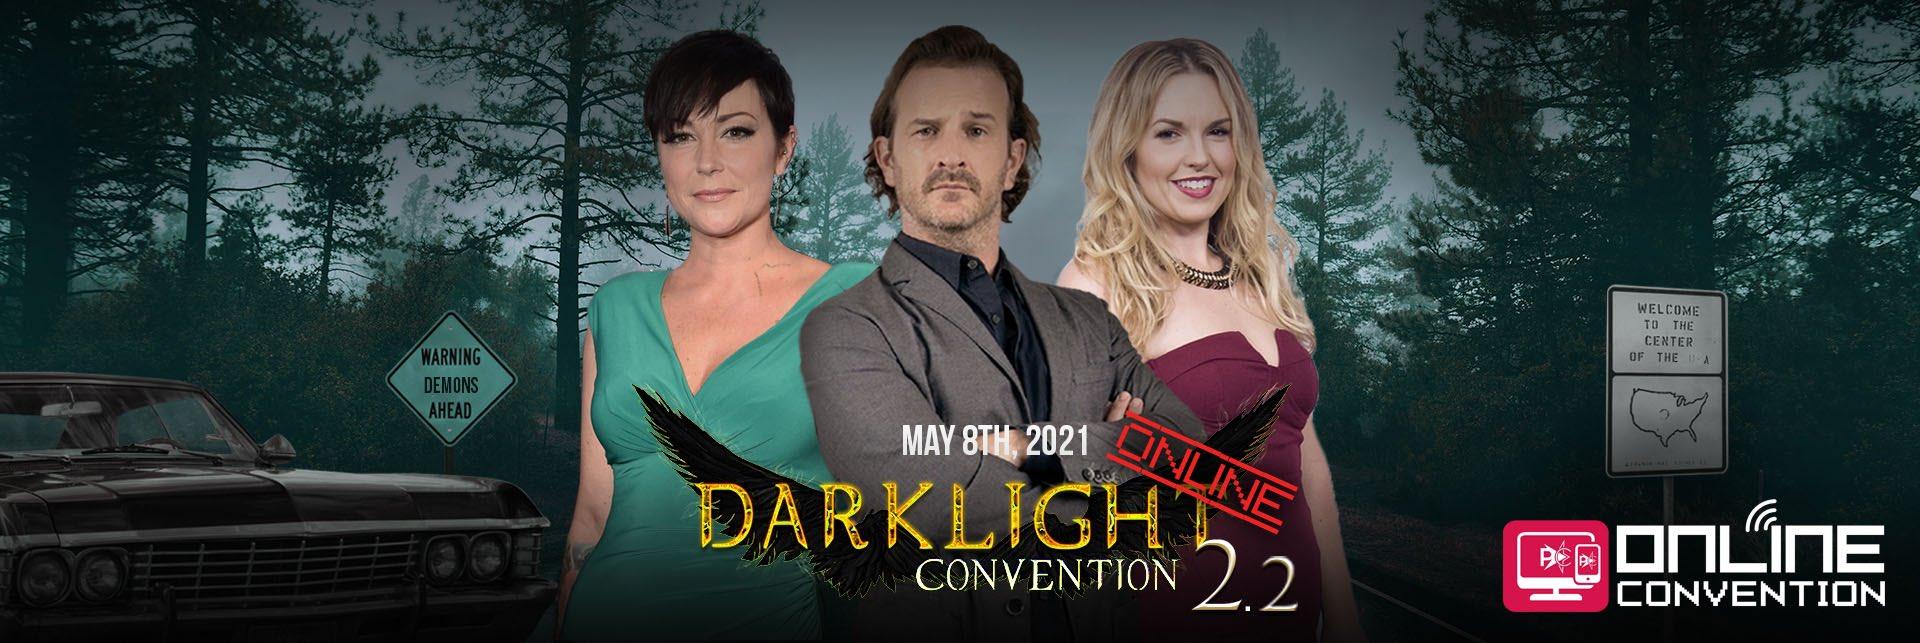 DarkLight Con Online 2 : retour sur la convention virtuelle Supernatural de People Convention !